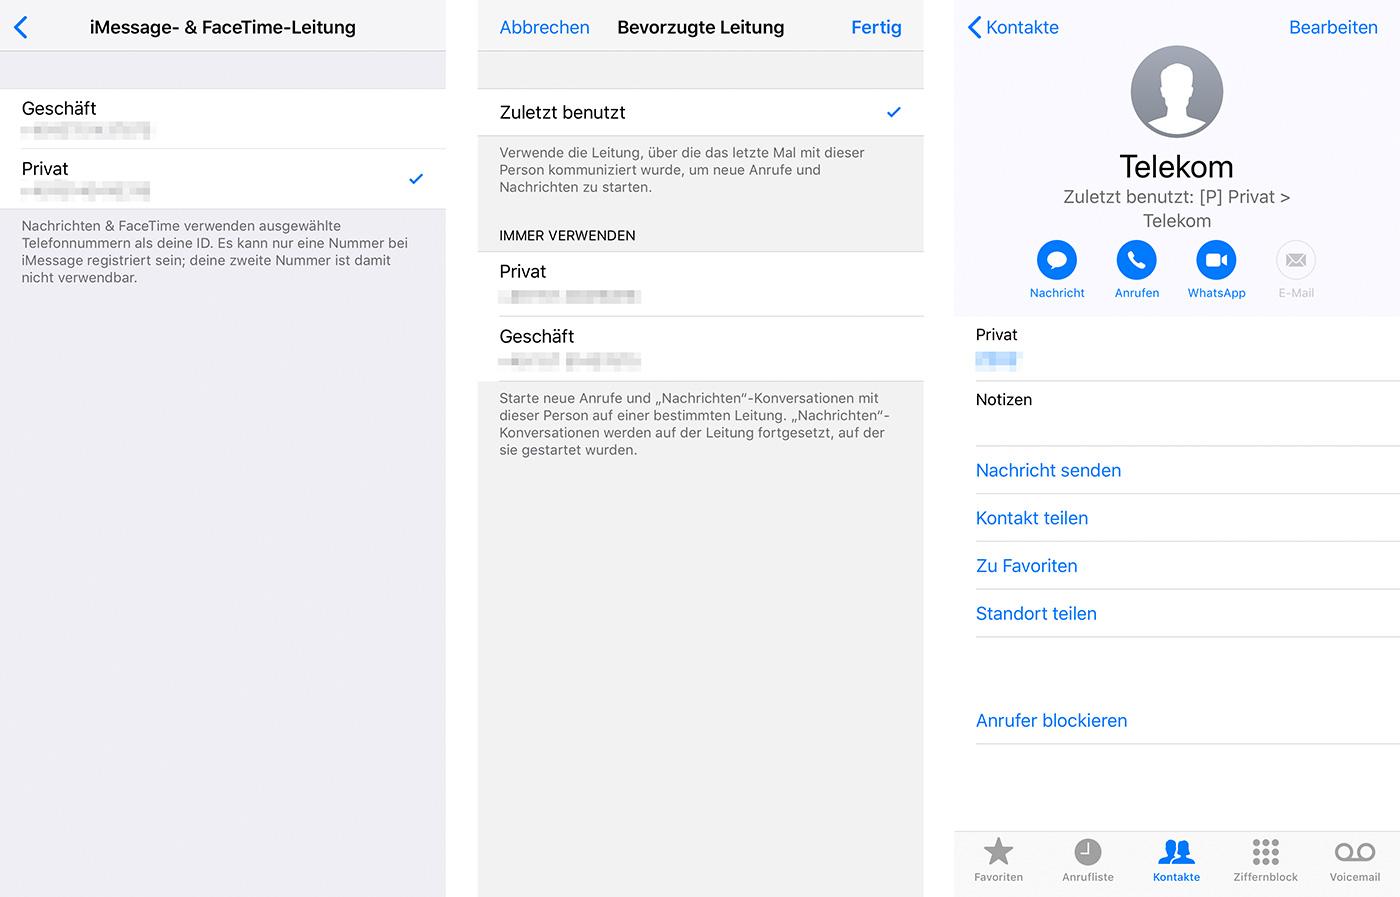 Sim Karte Sperren Telekom.Ios 12 1 Beta Unterstützt Dual Sim Funktion Mit Esim Der Telekom